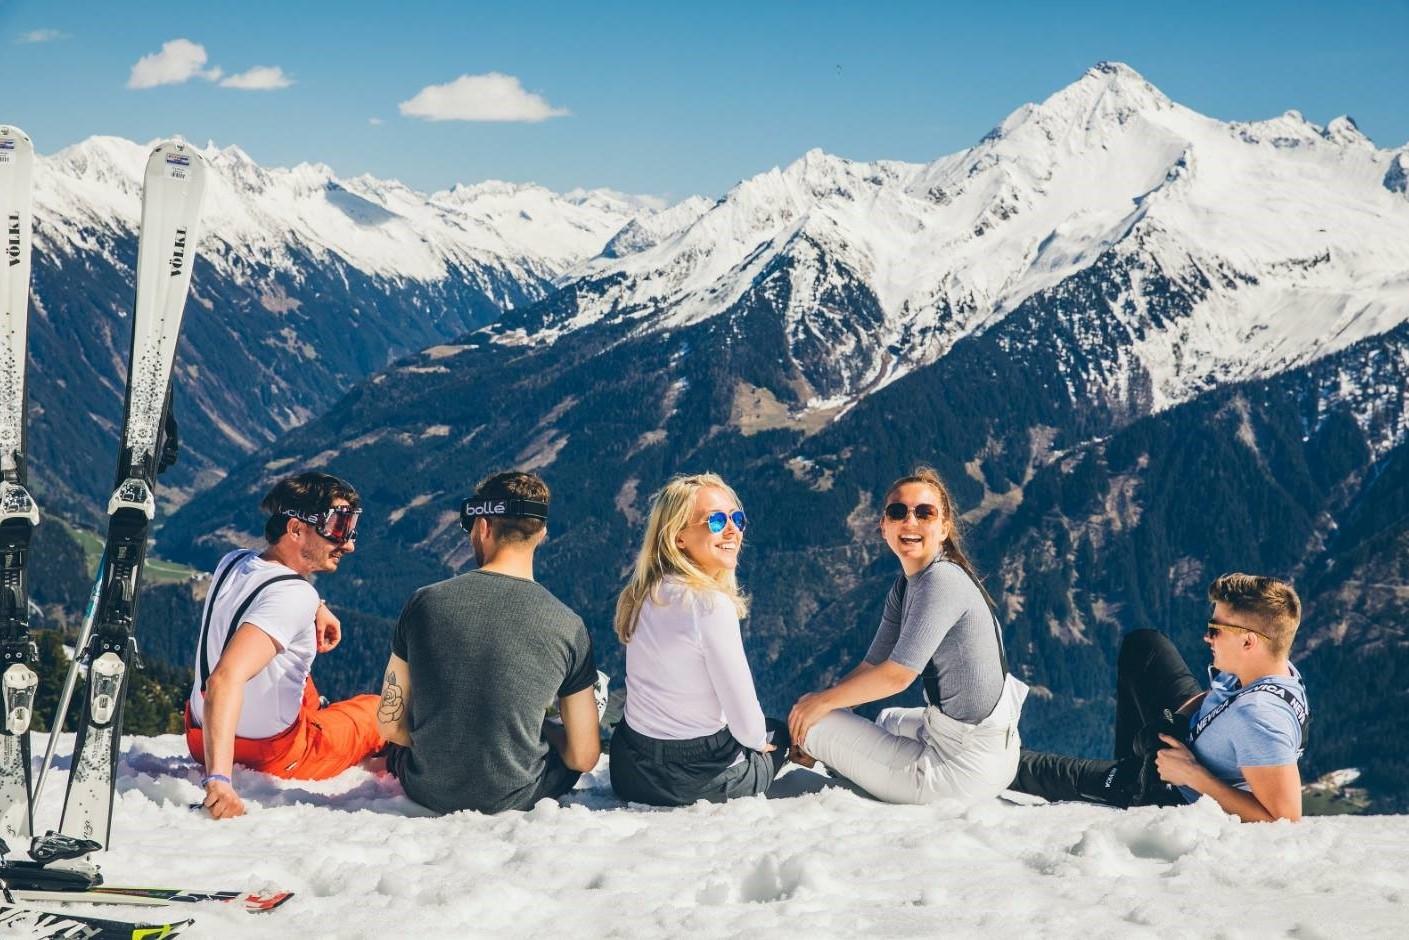 SKIEN EN SNOWBOARD# ten volle genieten van prachtige pistes met de vrienden